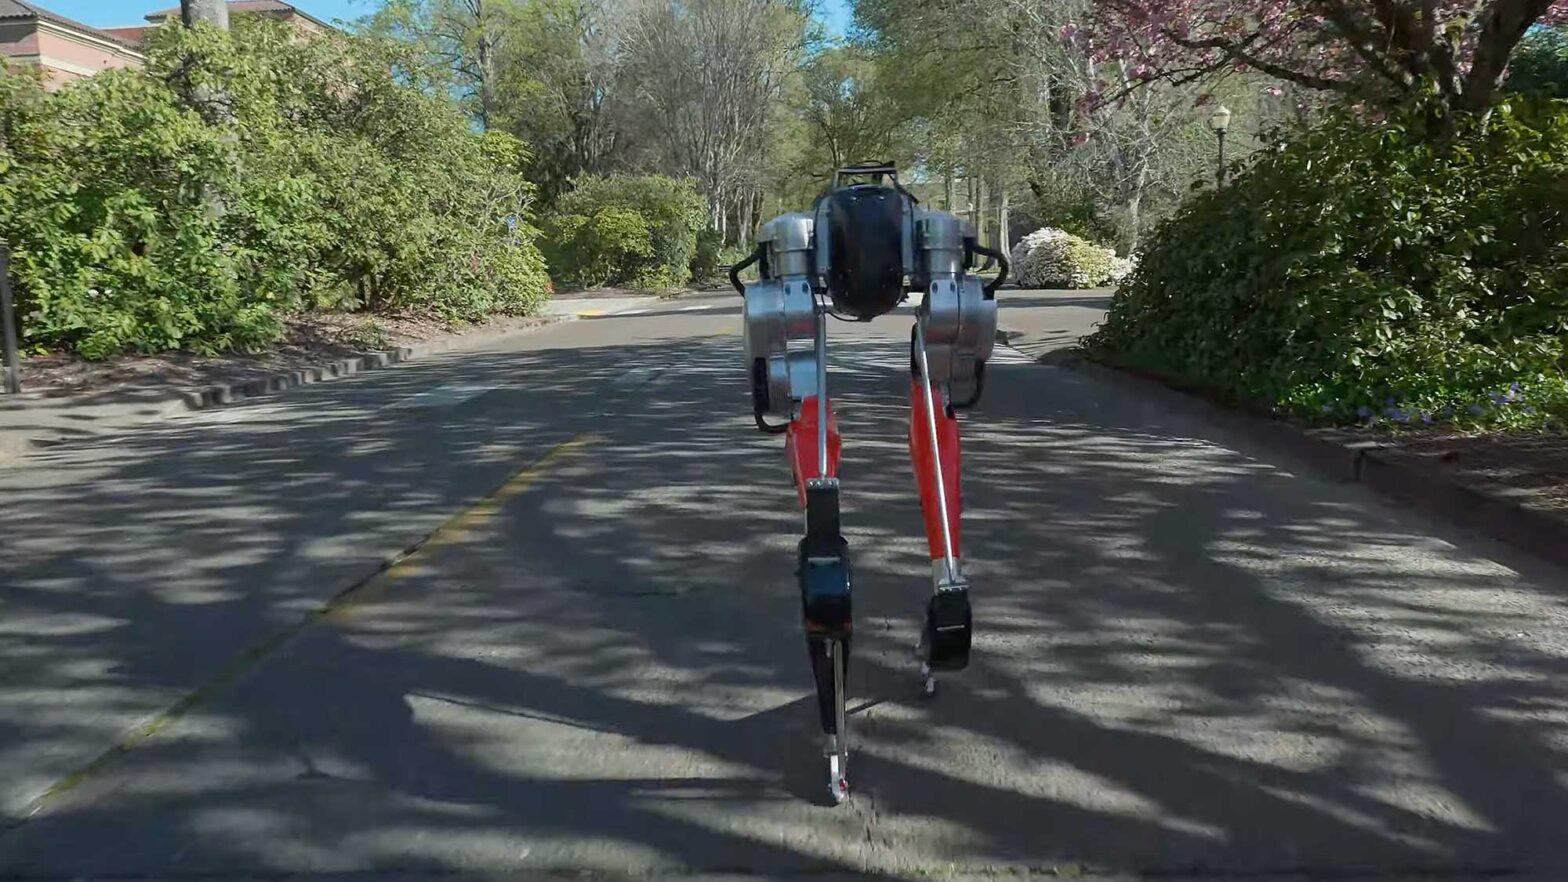 Cassie Bipedal Robot Runs a 5K